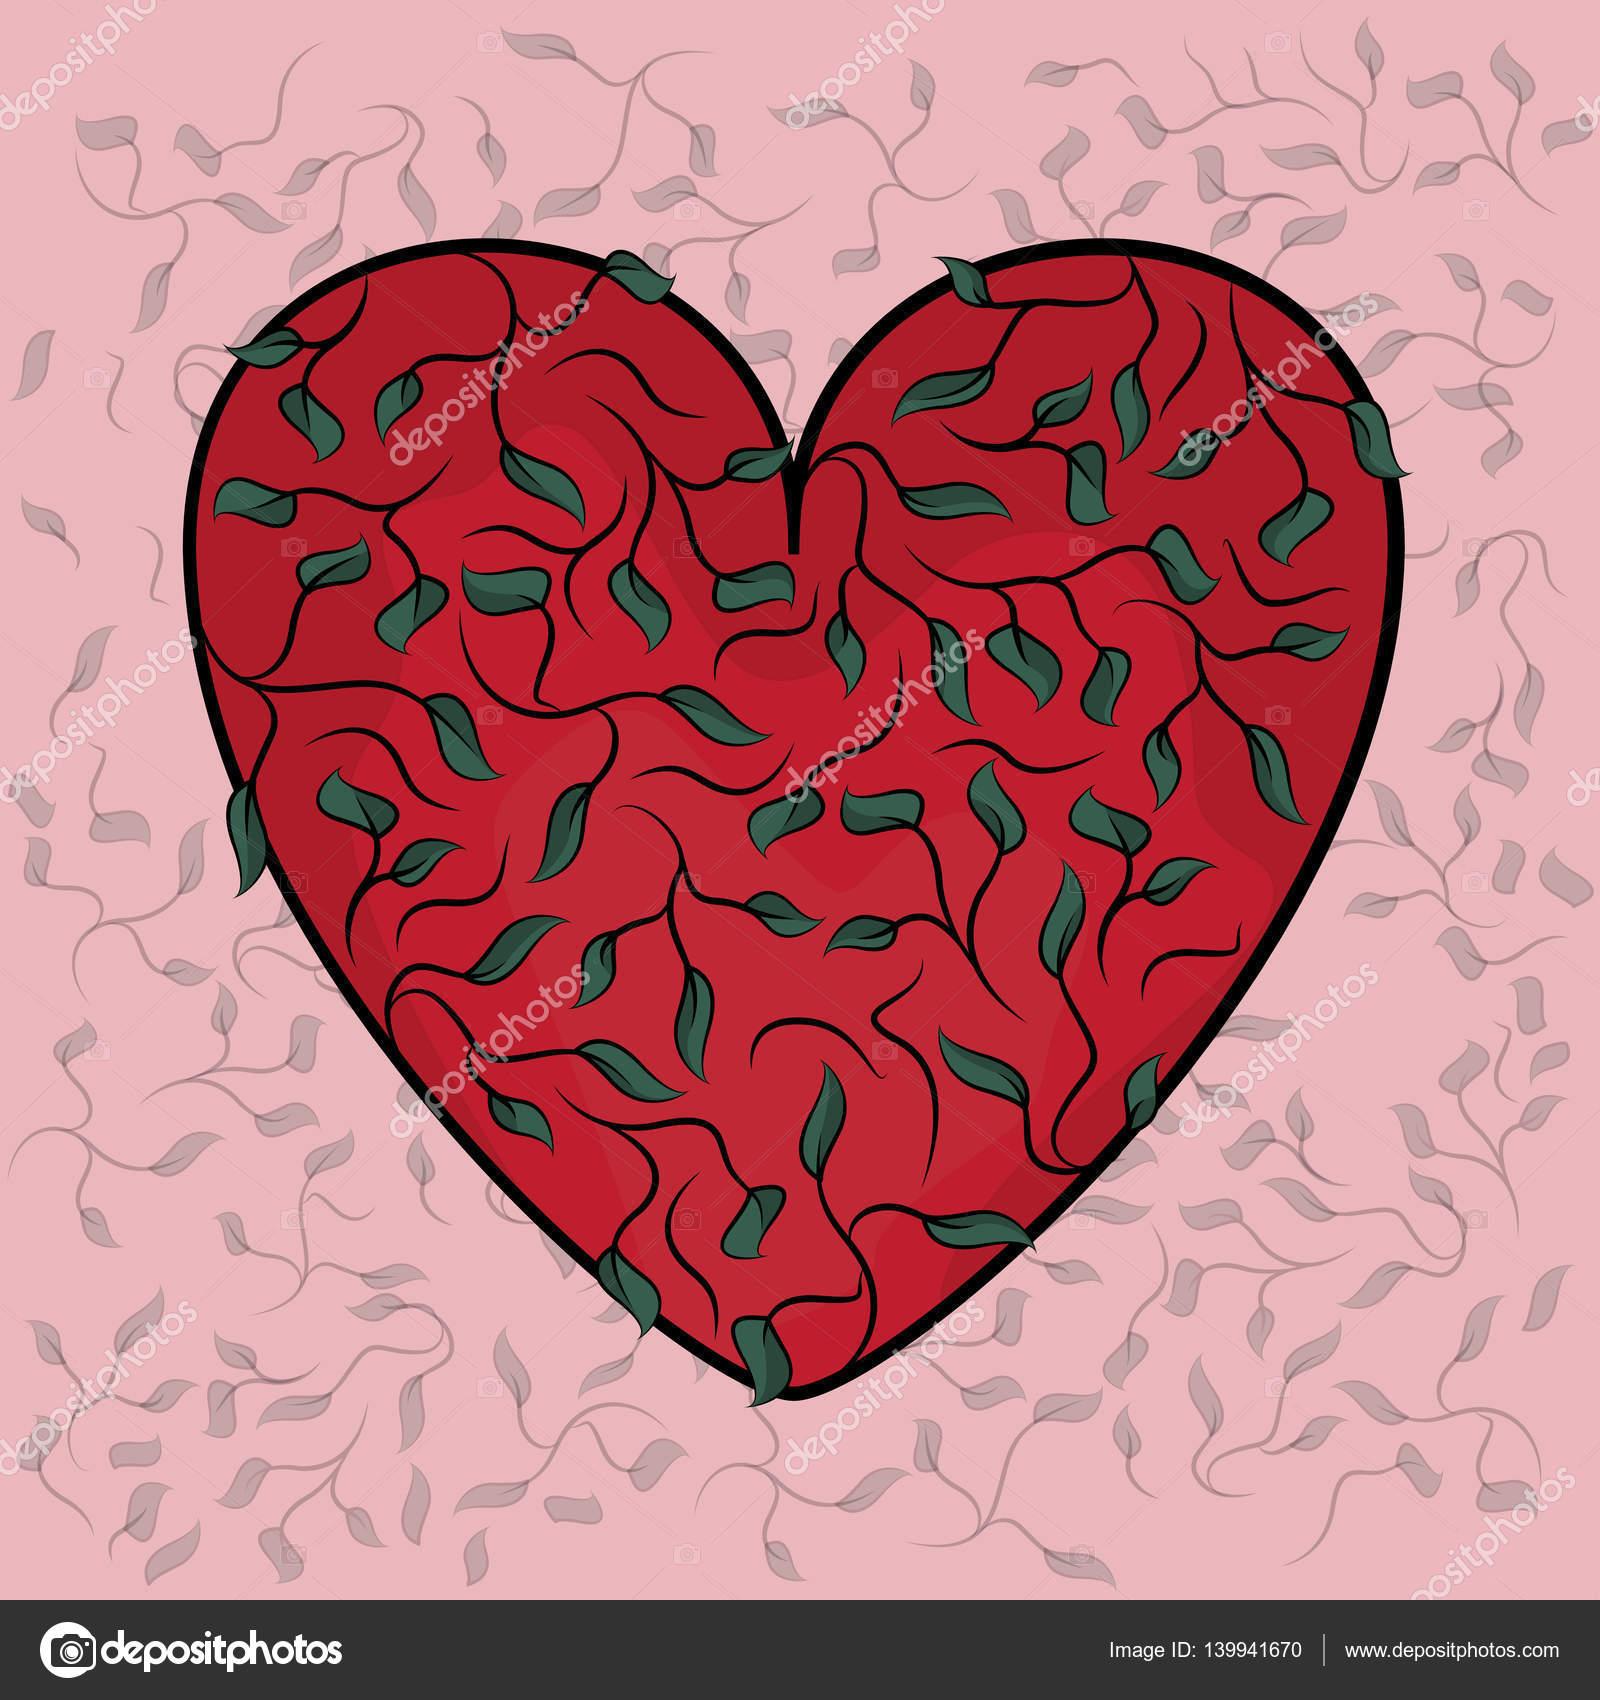 edf5d59e54fda3 Dia dos namorados coração. Planos de fundo coração decorativo ...